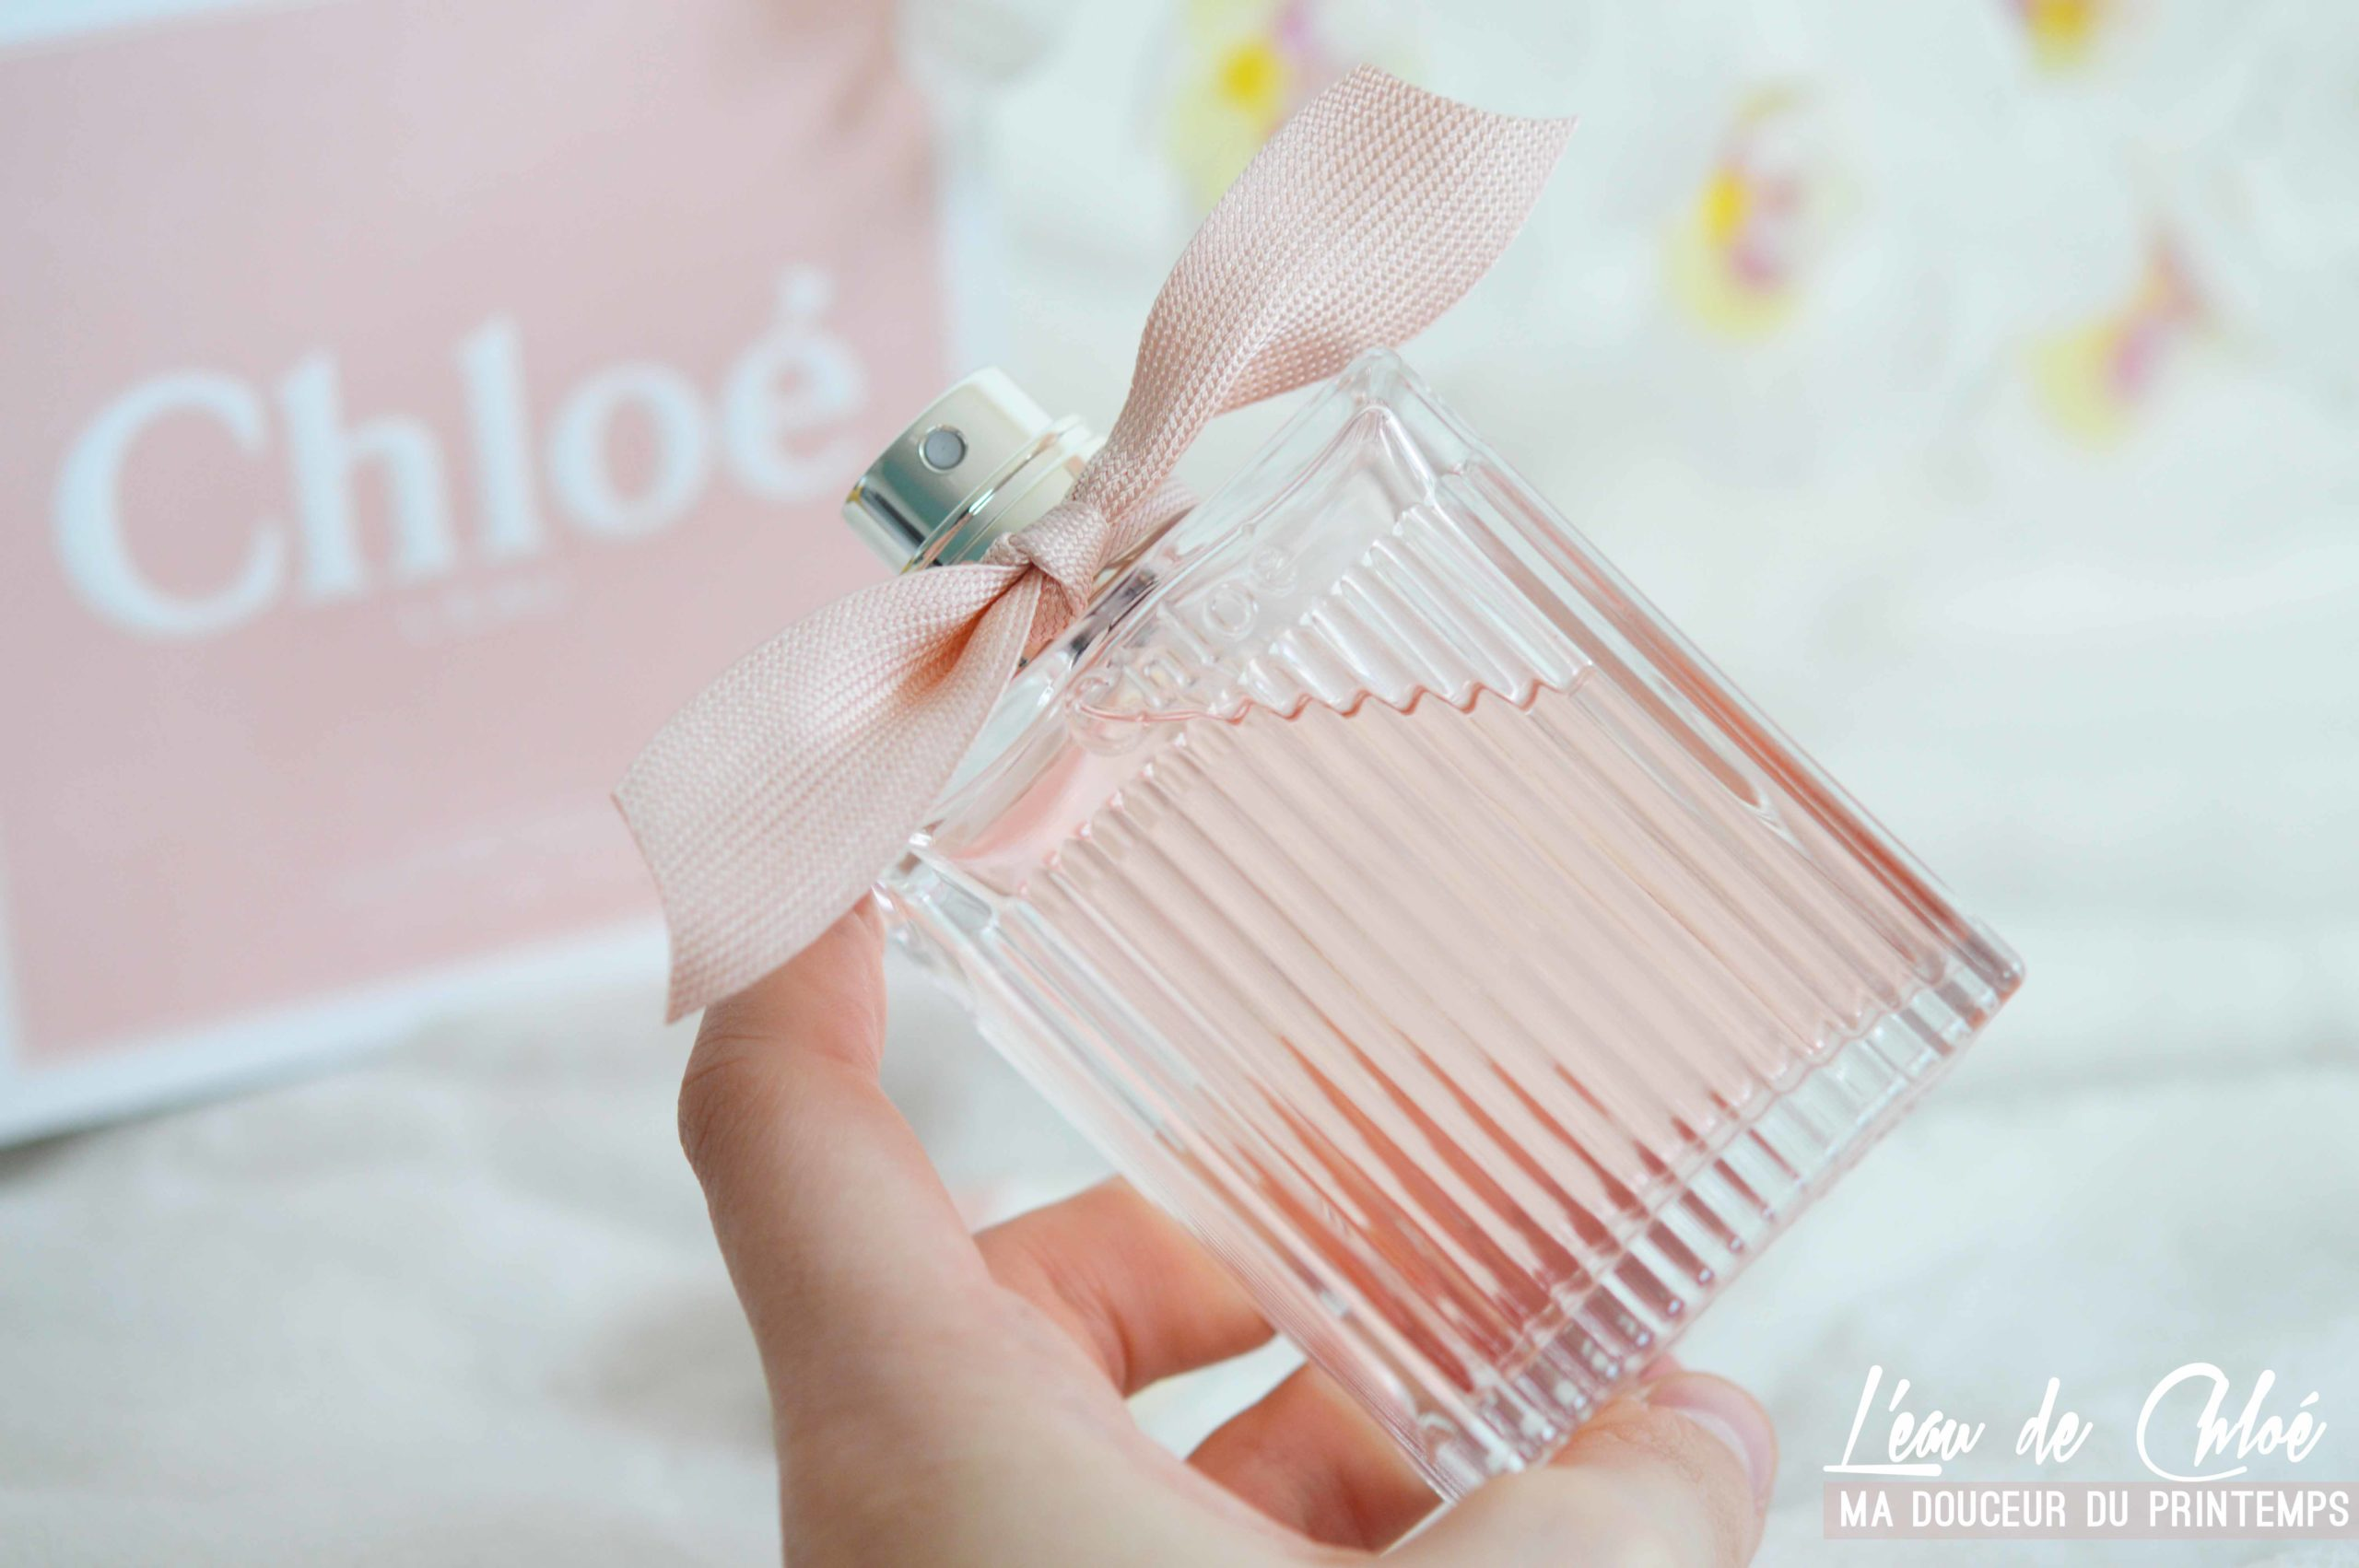 L'eau de Chloé mon parfum coup de coeur du printemps